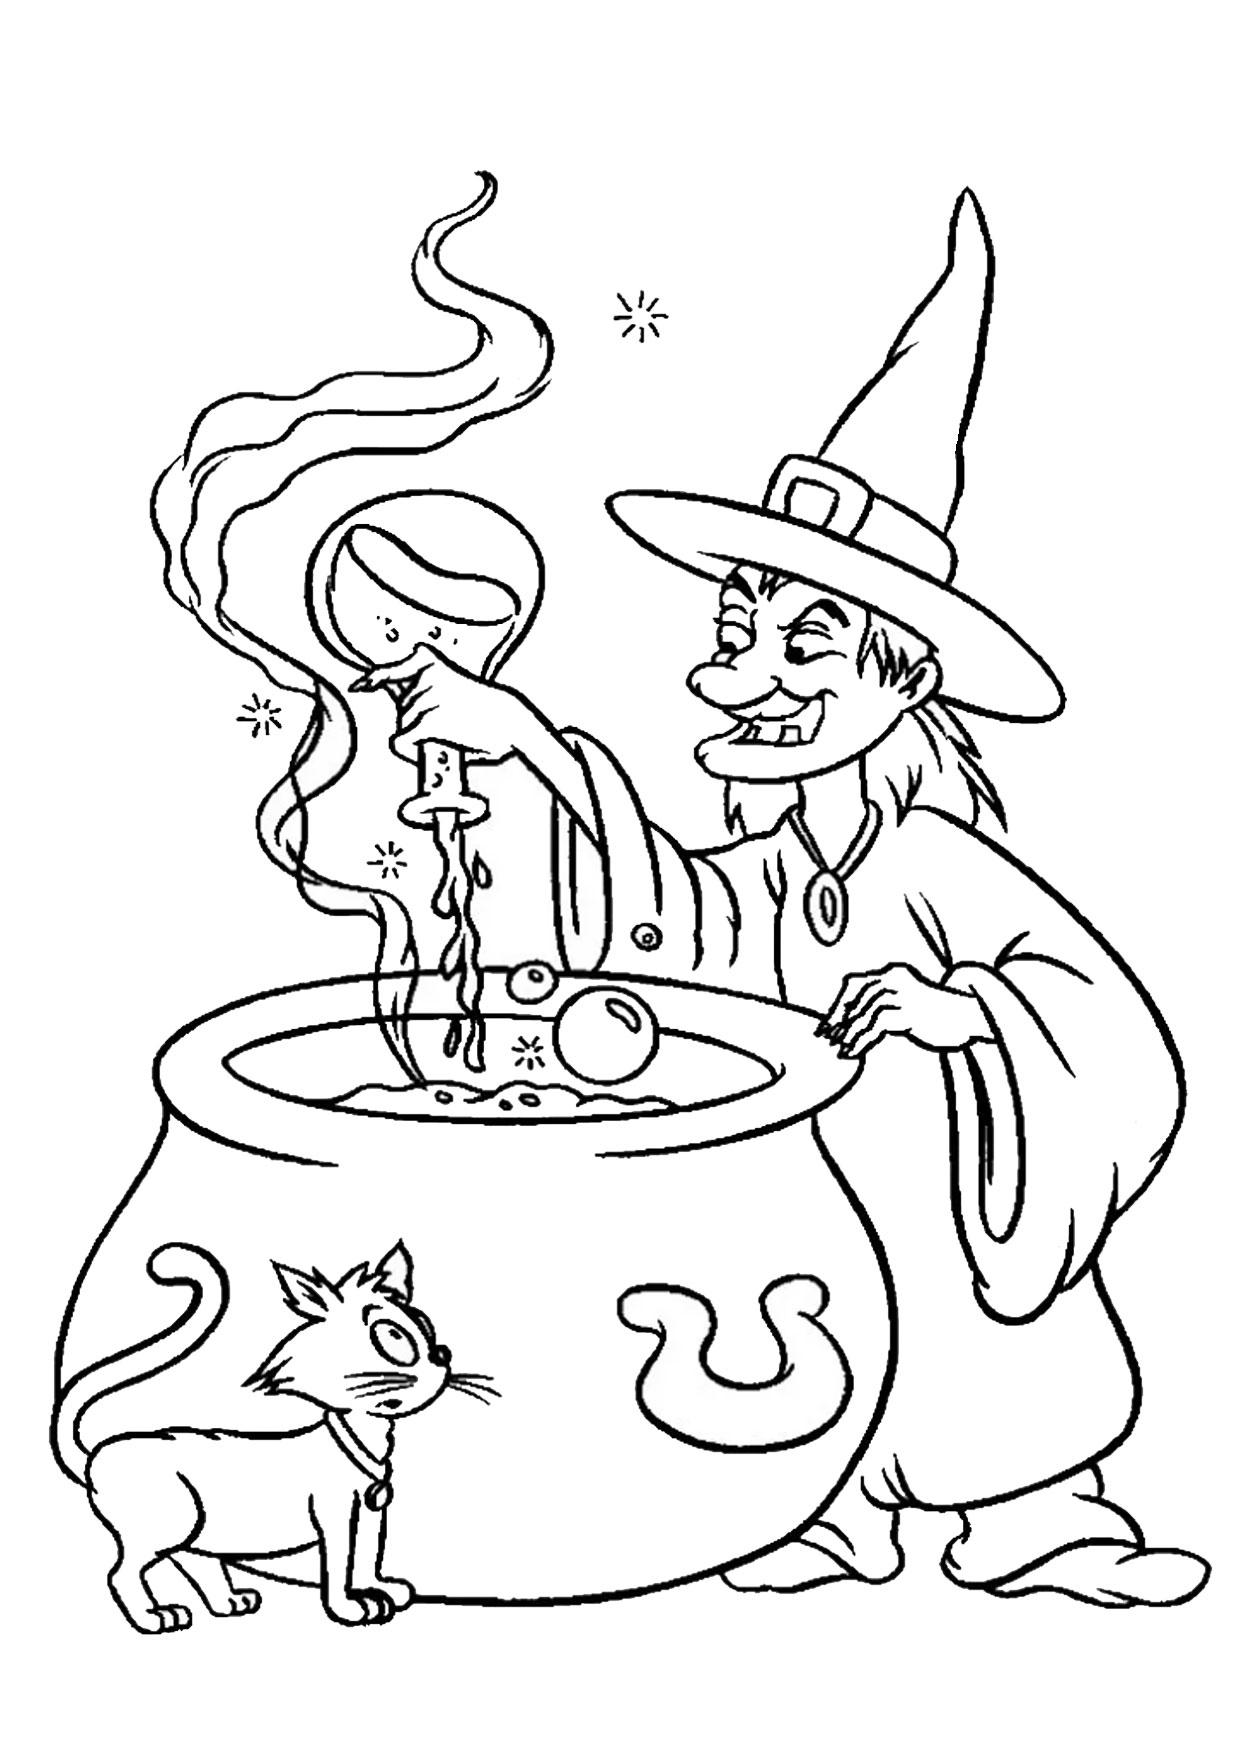 Disegno di strega da colorare 07